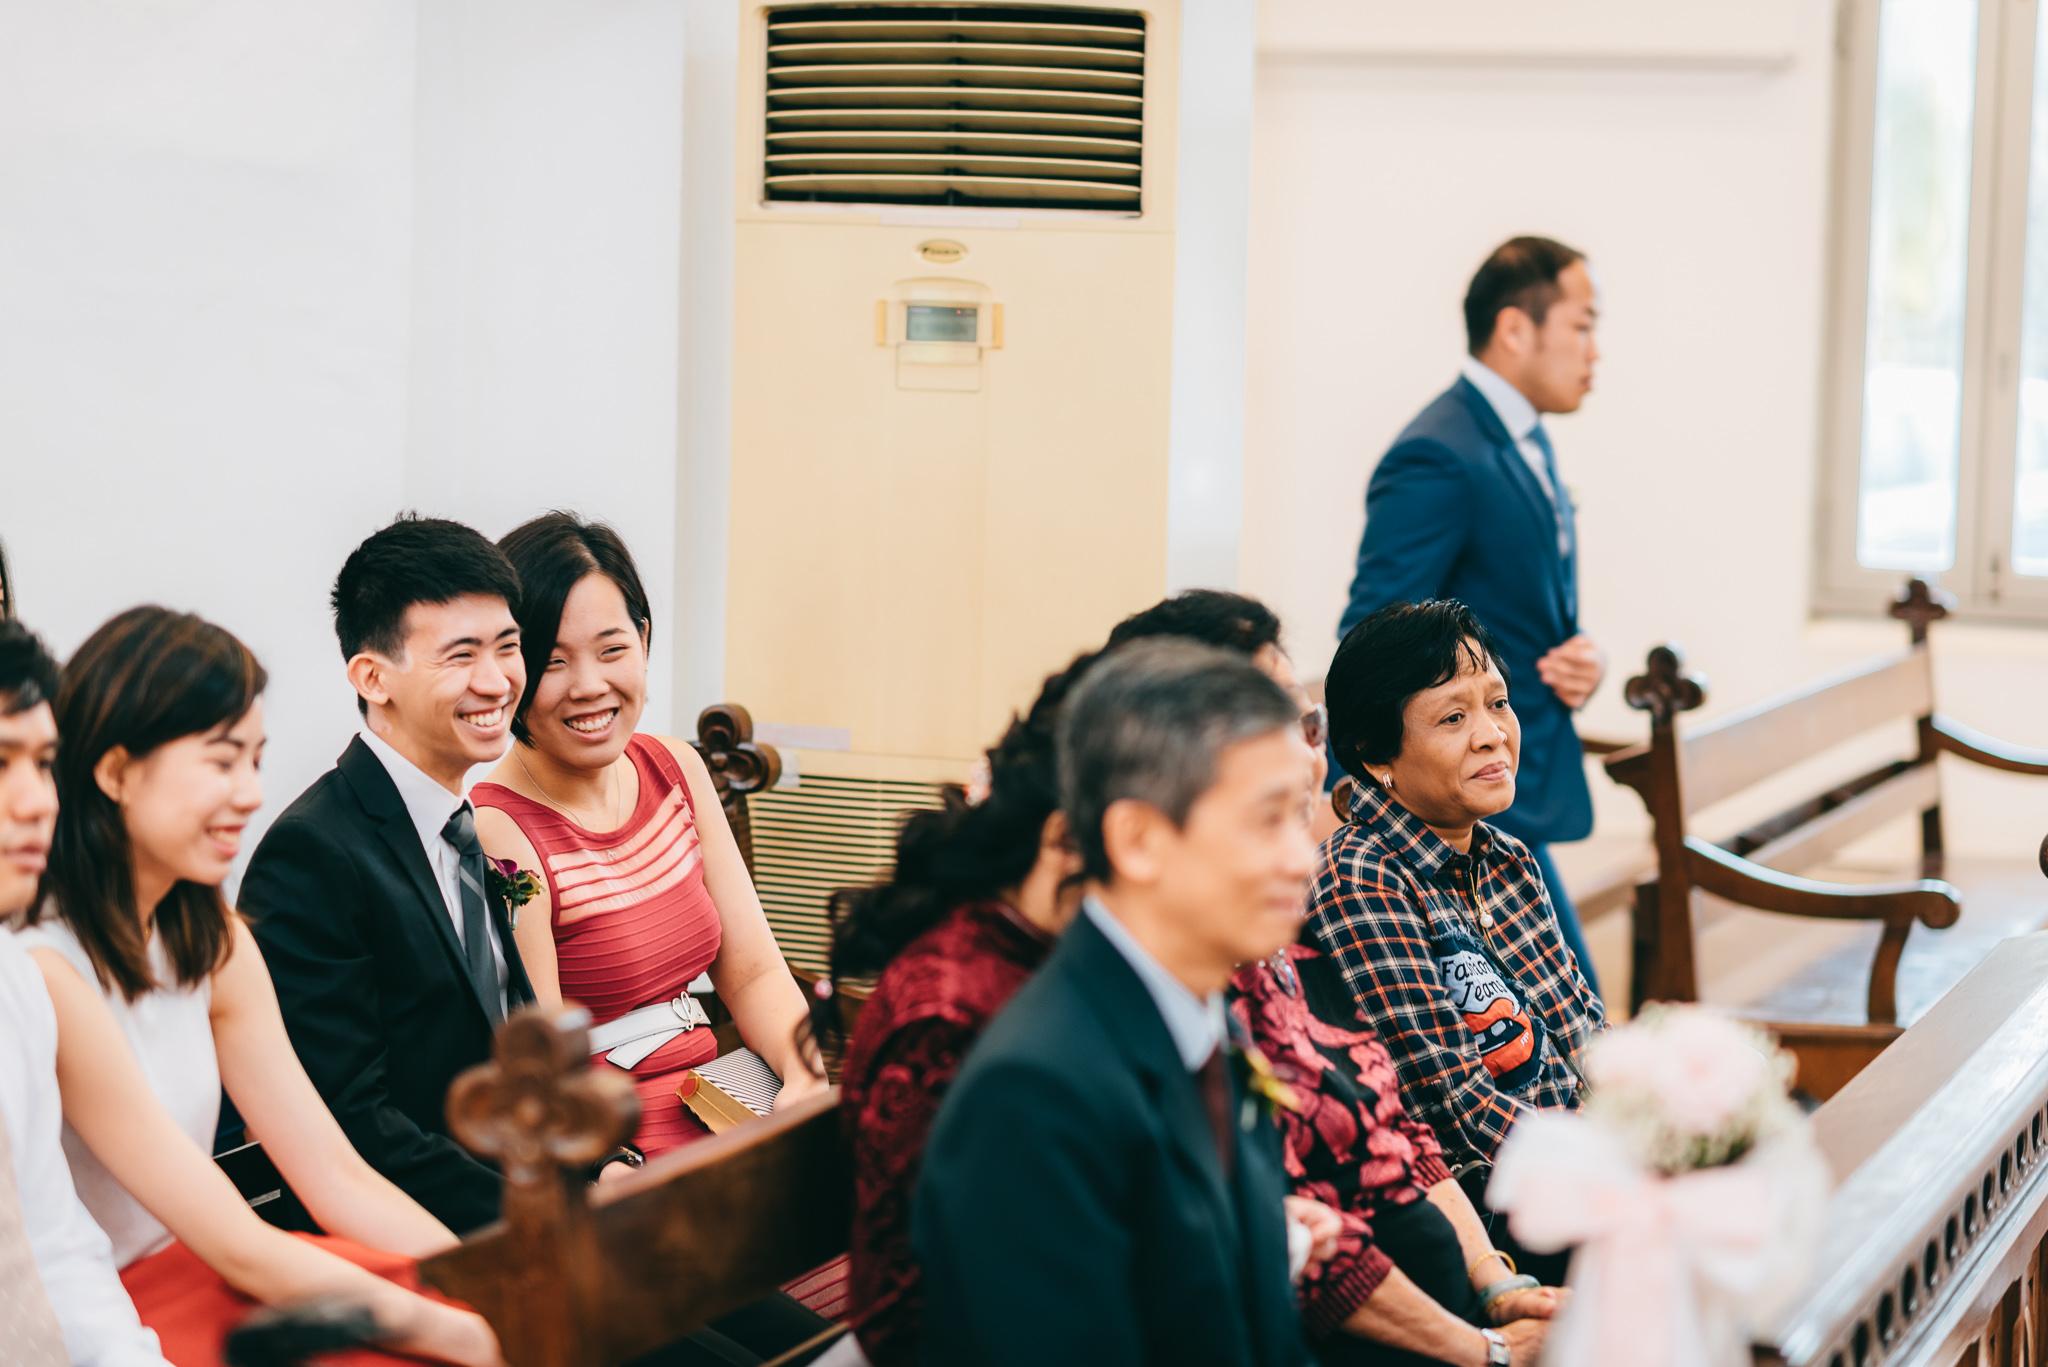 Lionel & Karen Wedding Day Highlights (resized for sharing) - 095.jpg